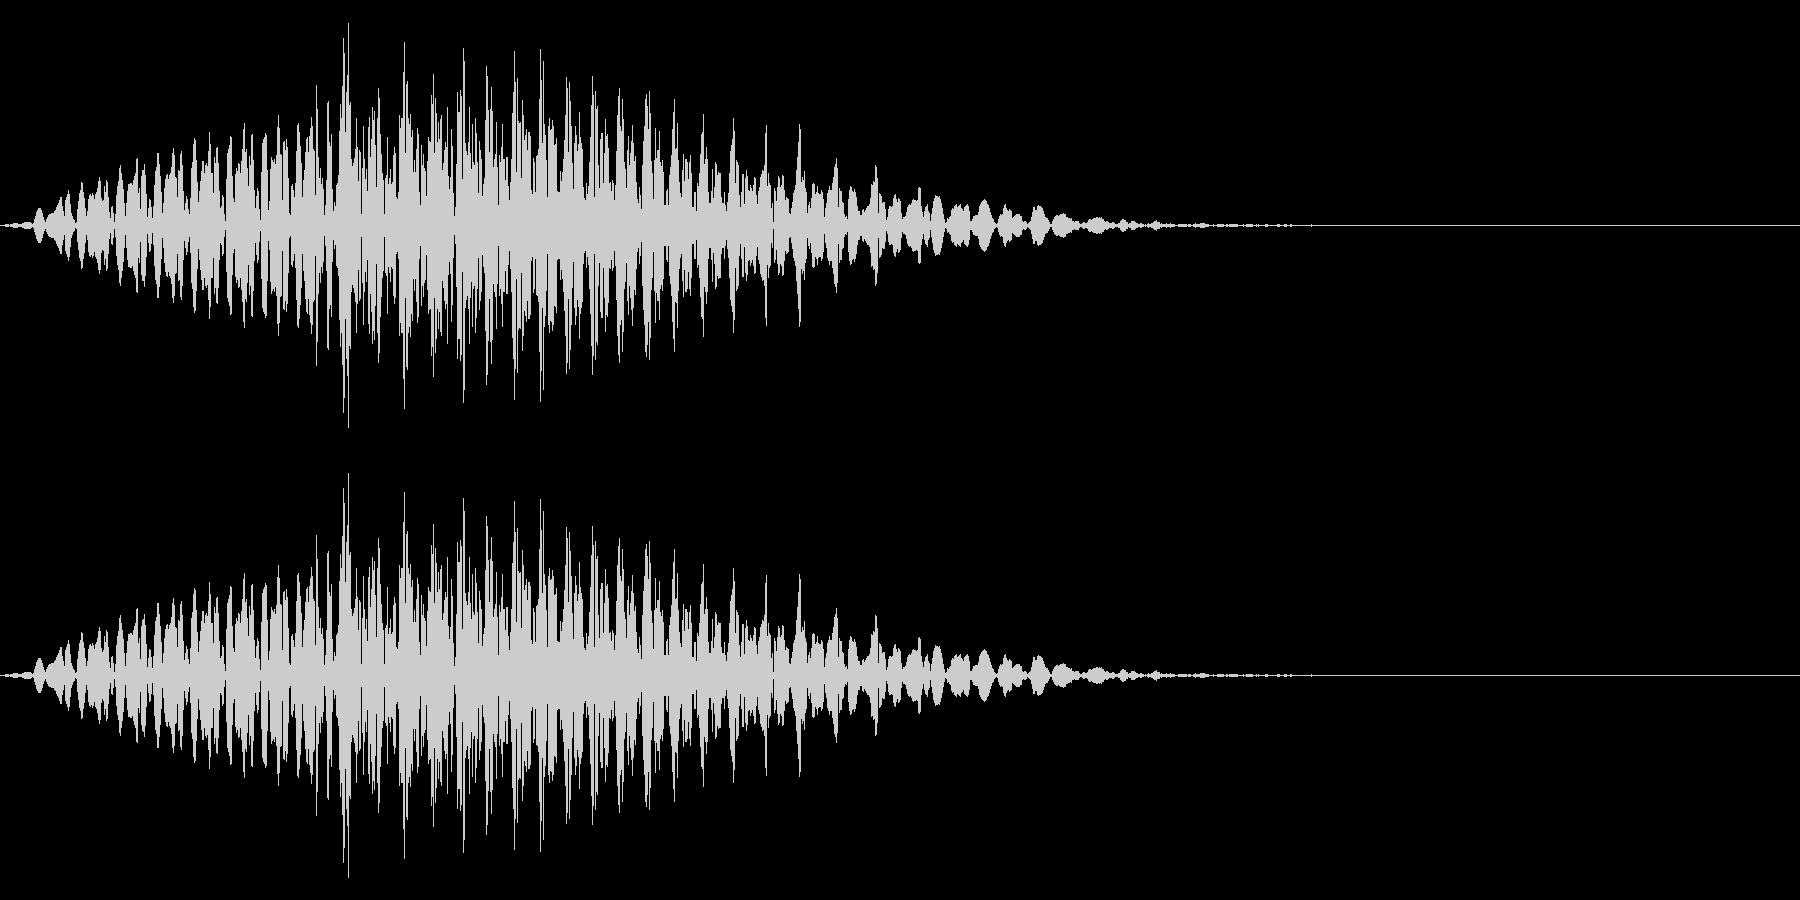 「ロン」 麻雀ゲームのシステムボイスにの未再生の波形